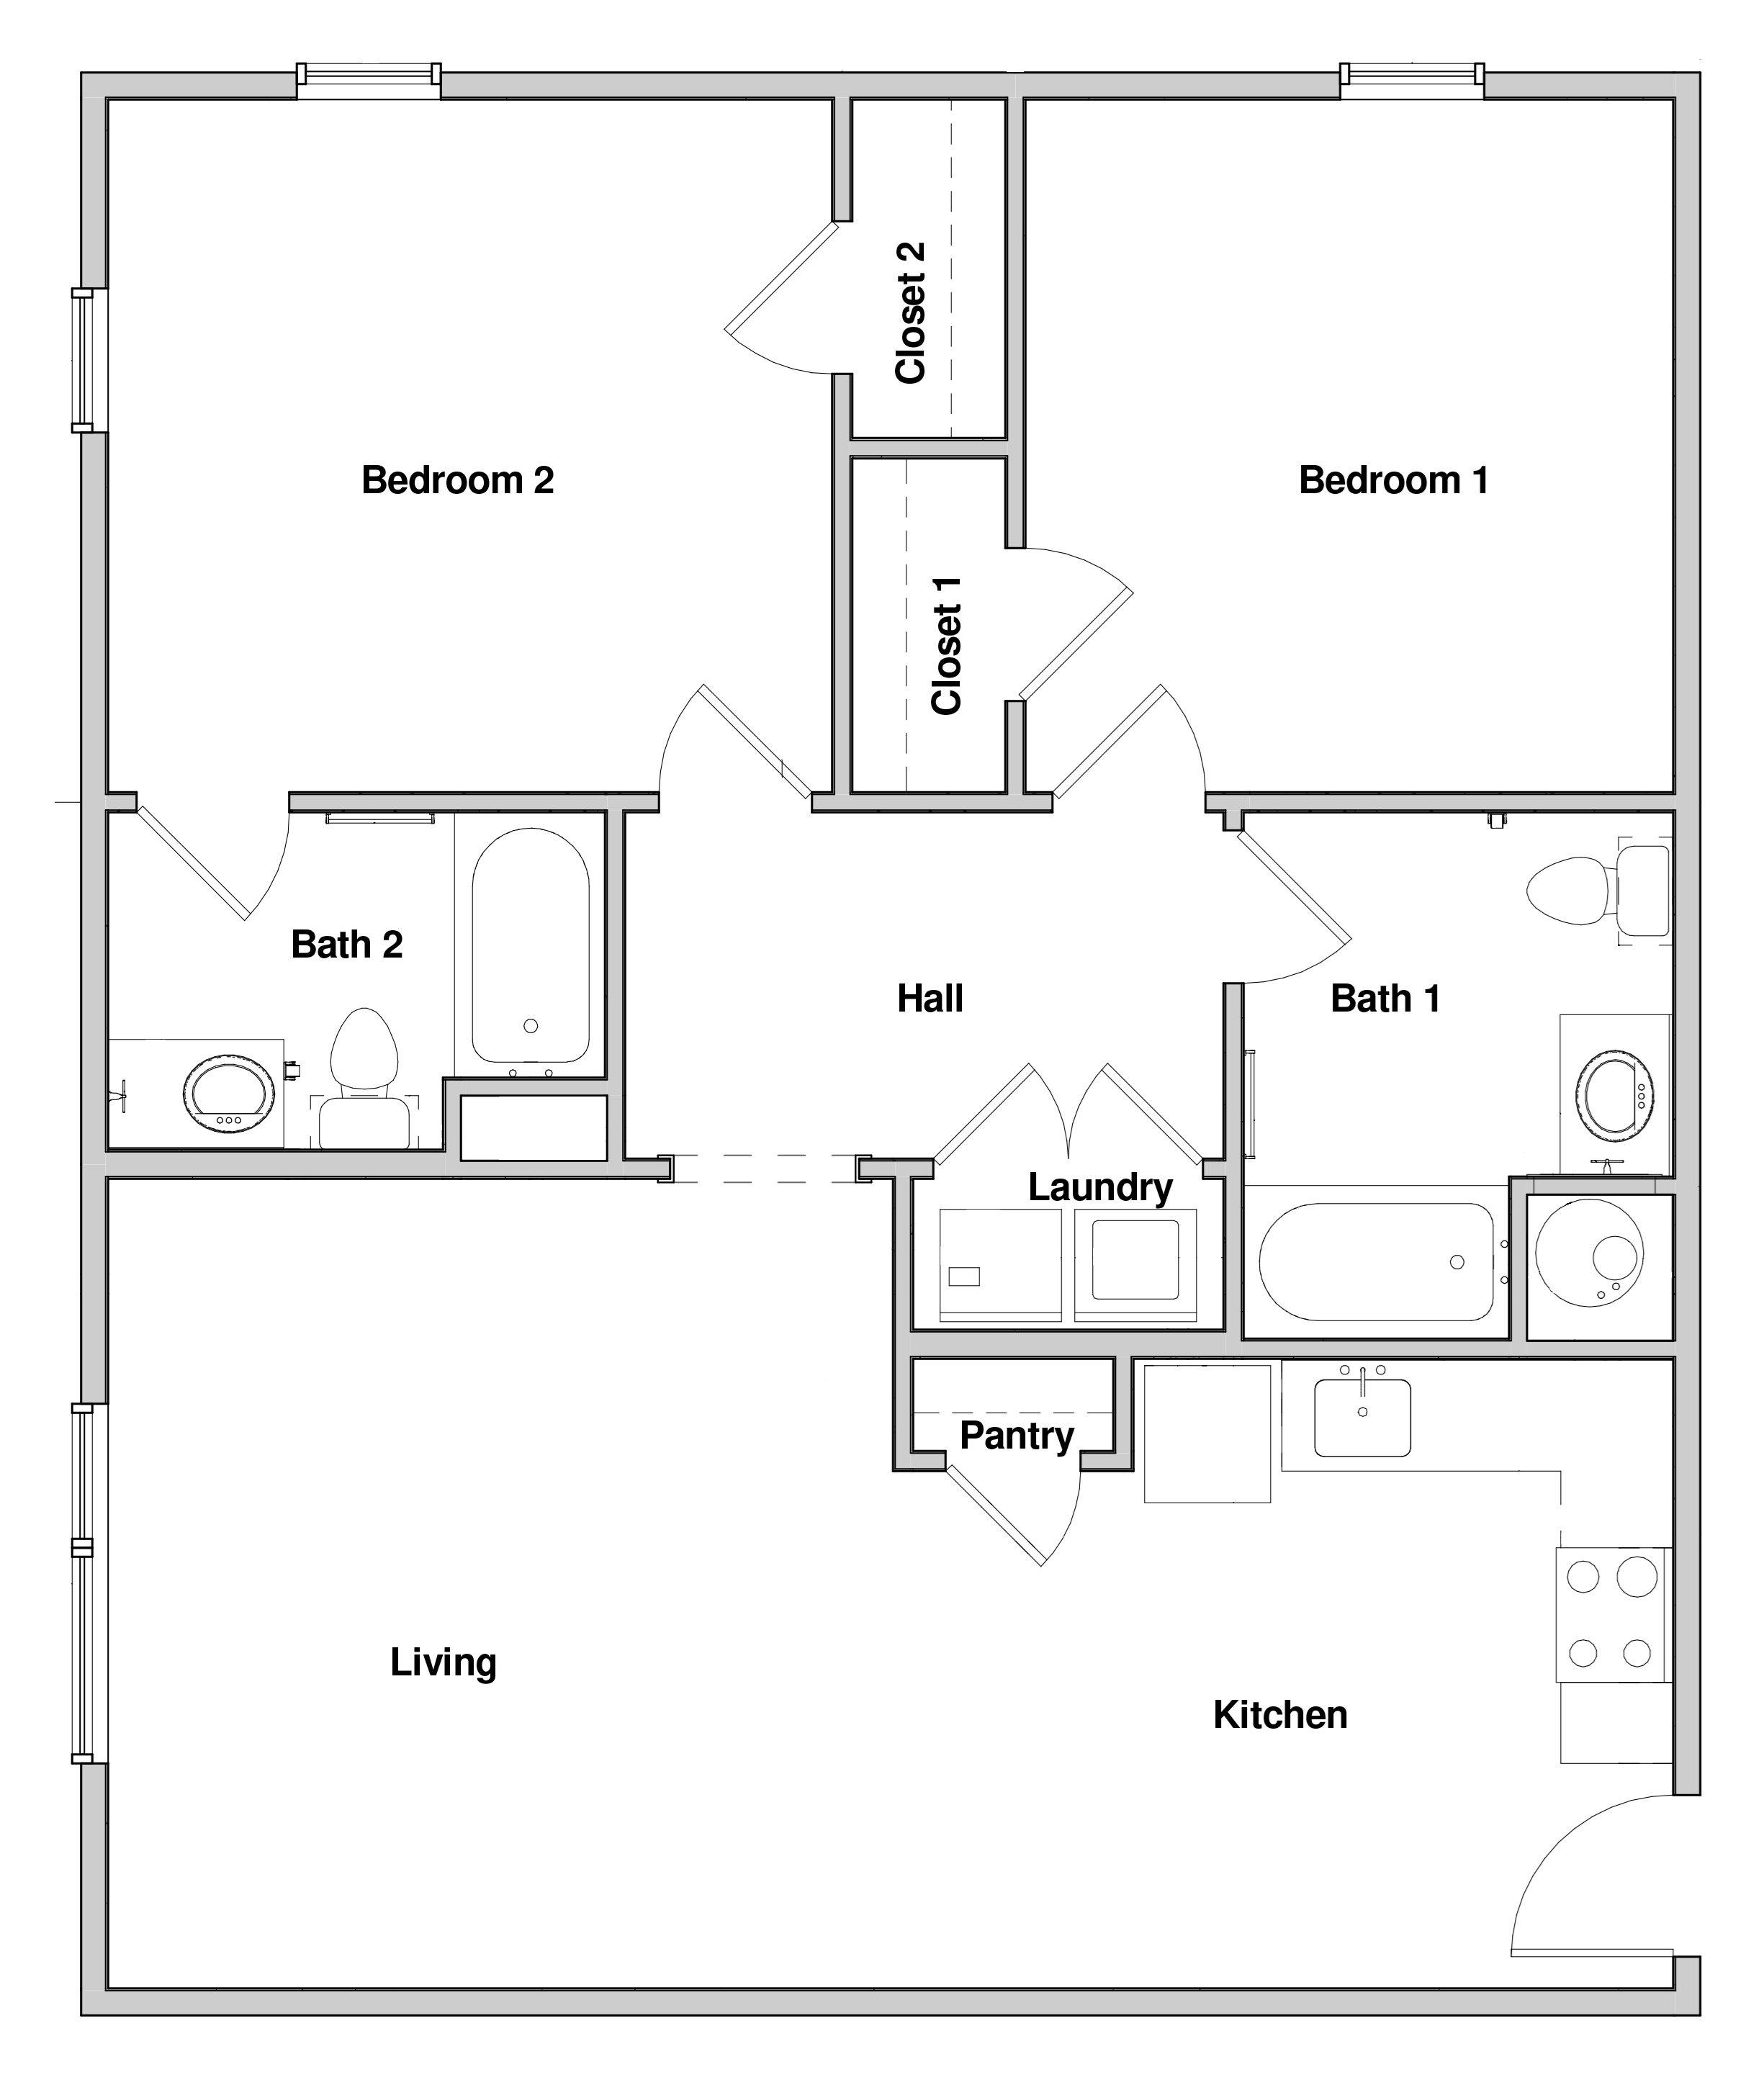 2 Bedroom 2 Bath Floor Plan 6